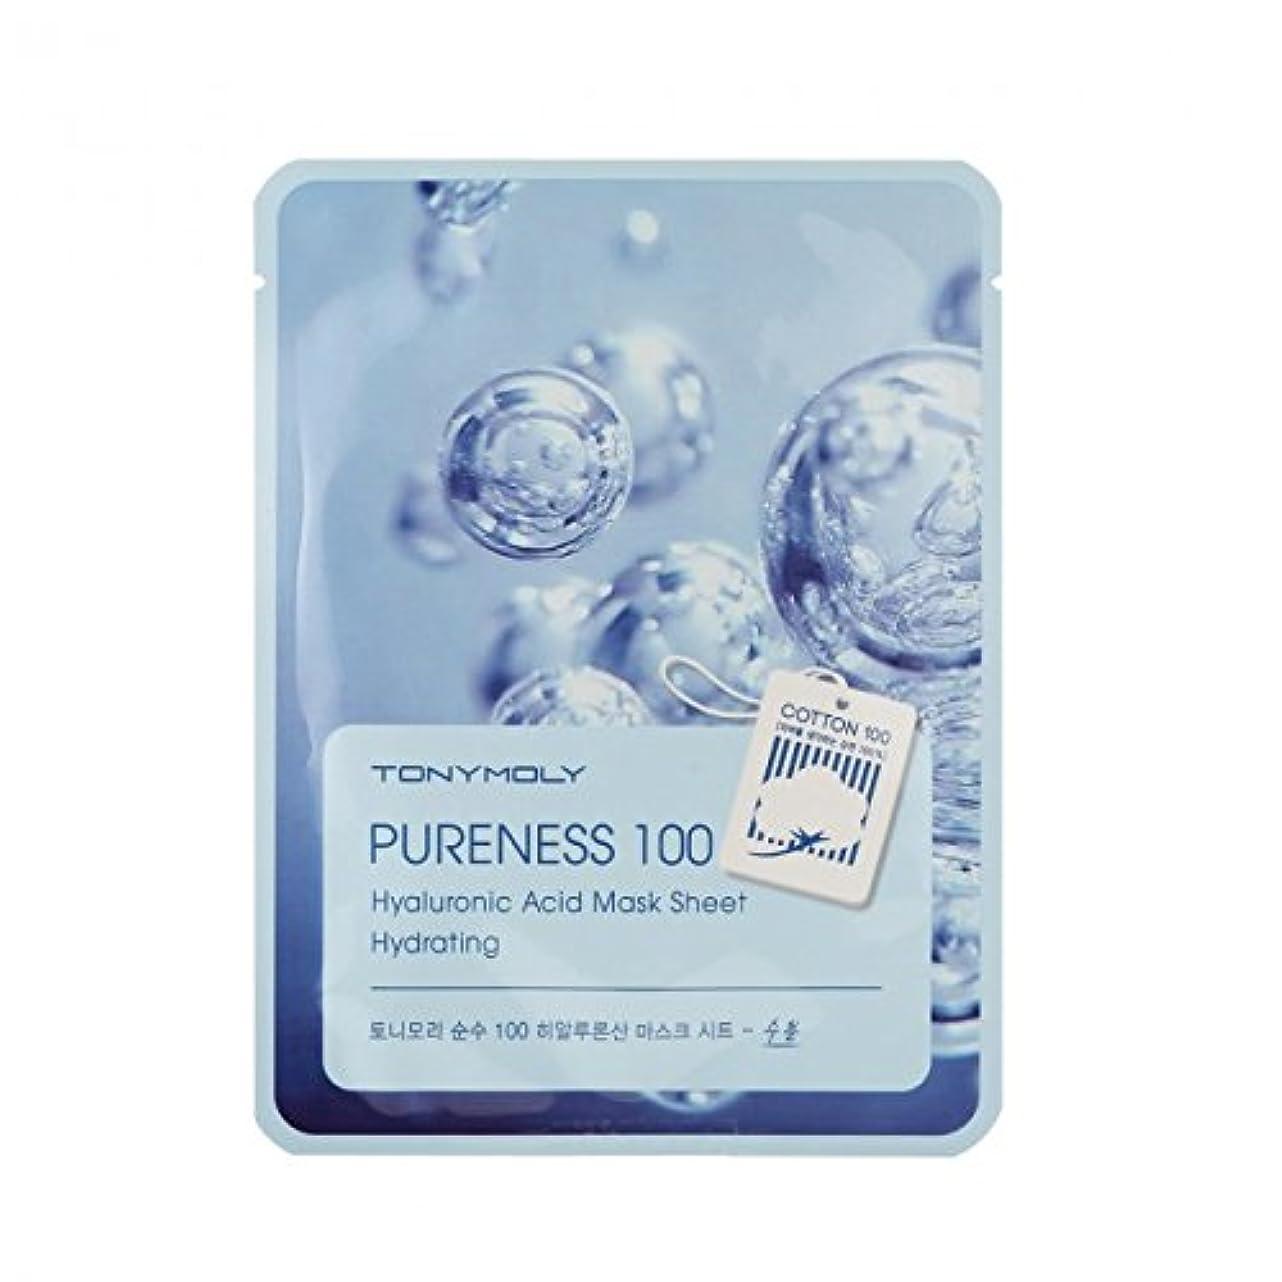 ボンド飛行機レコーダーTONYMOLY Pureness 100 Hyaluronic Acid Mask Sheet Hydrating (並行輸入品)